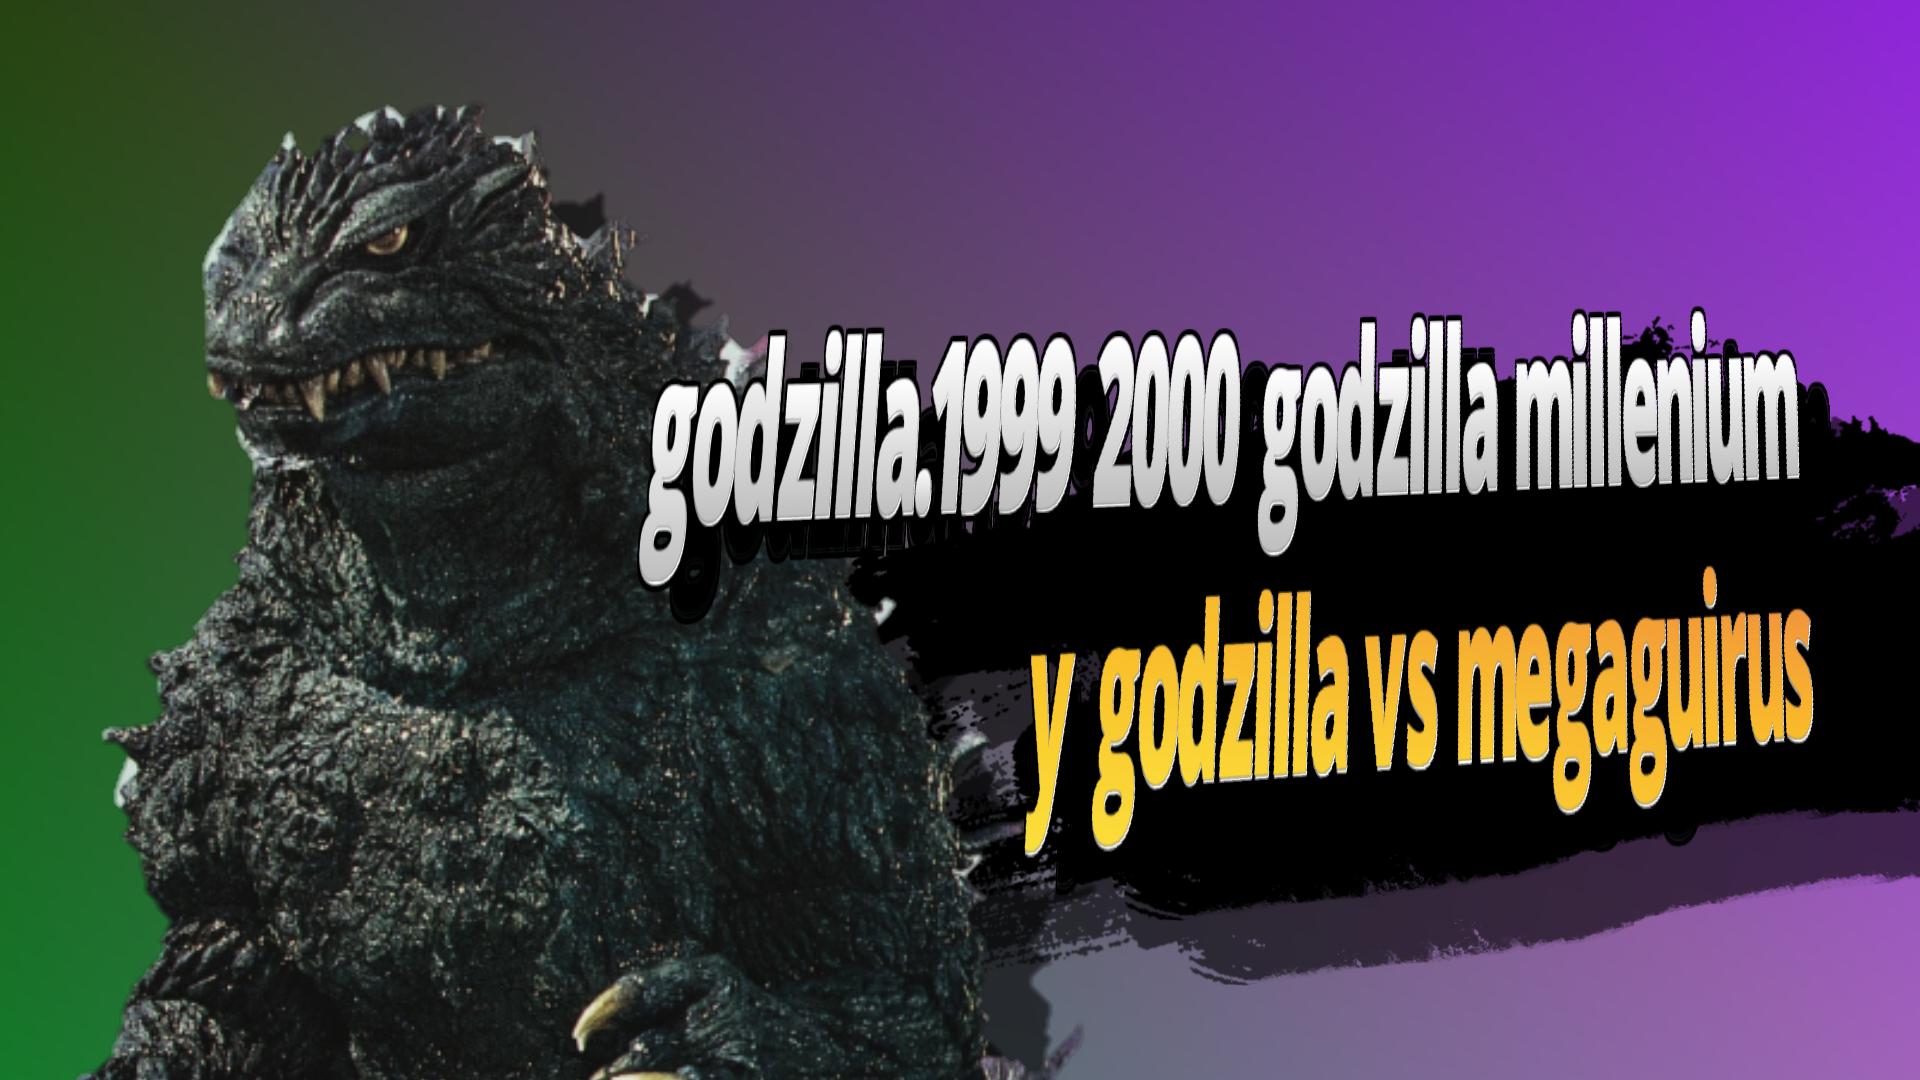 godzilla 1999 2000